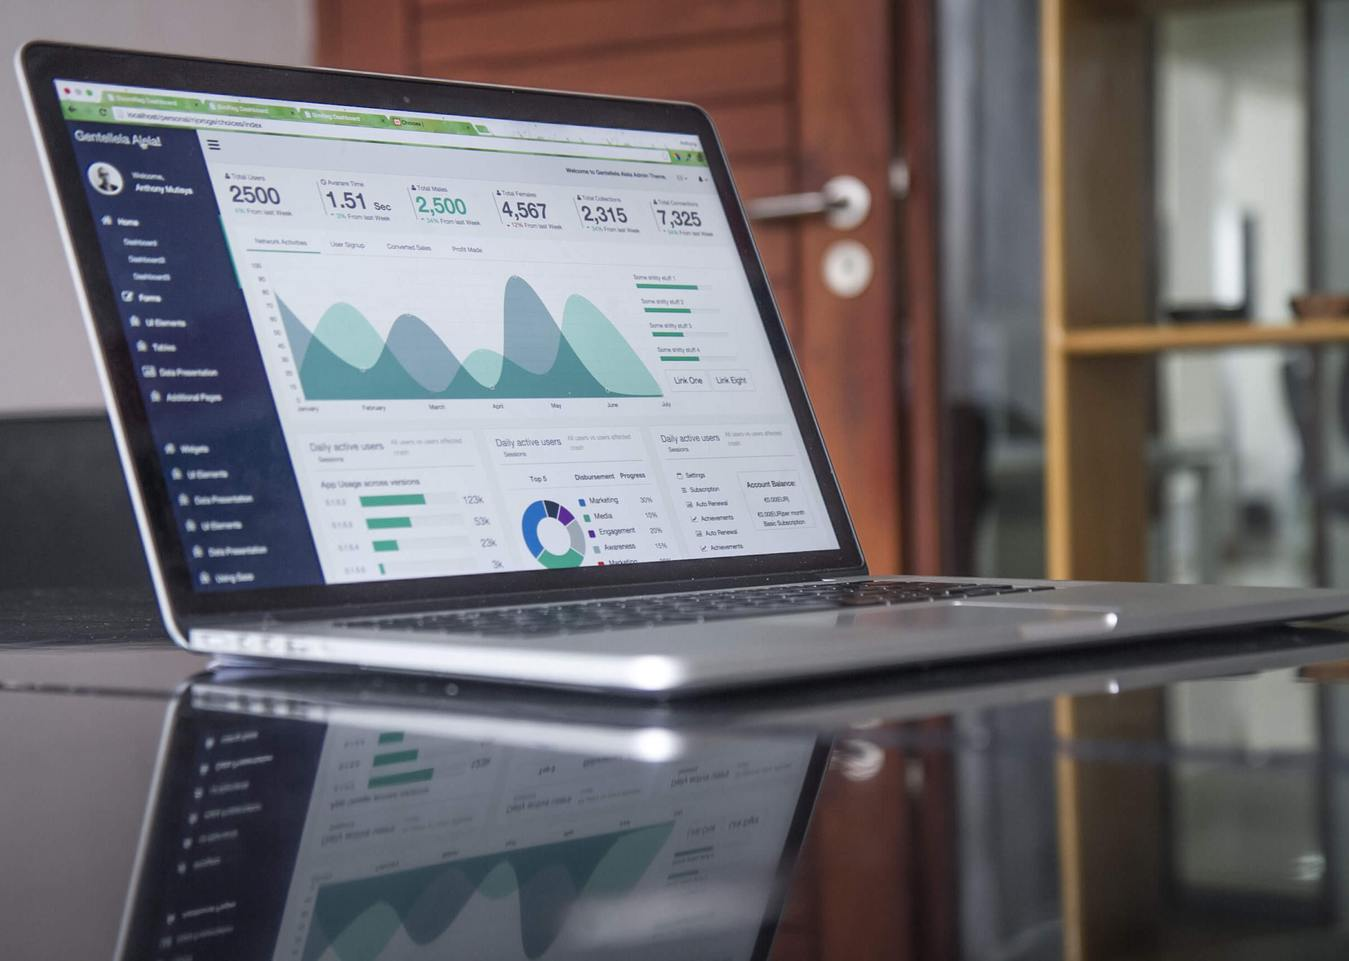 Grafik optimasi di laptop